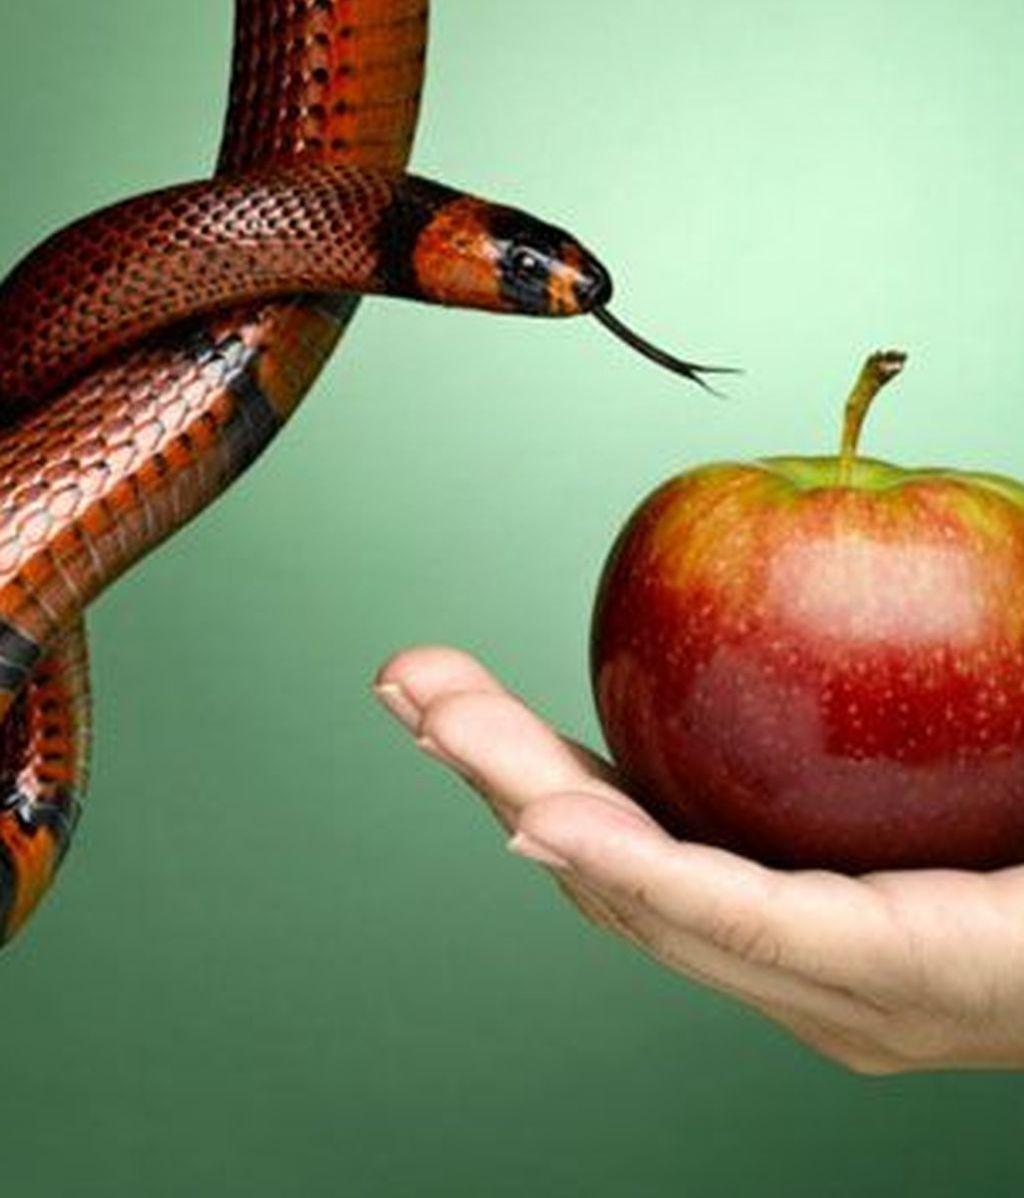 Pecados, serpiente, perdóname señor